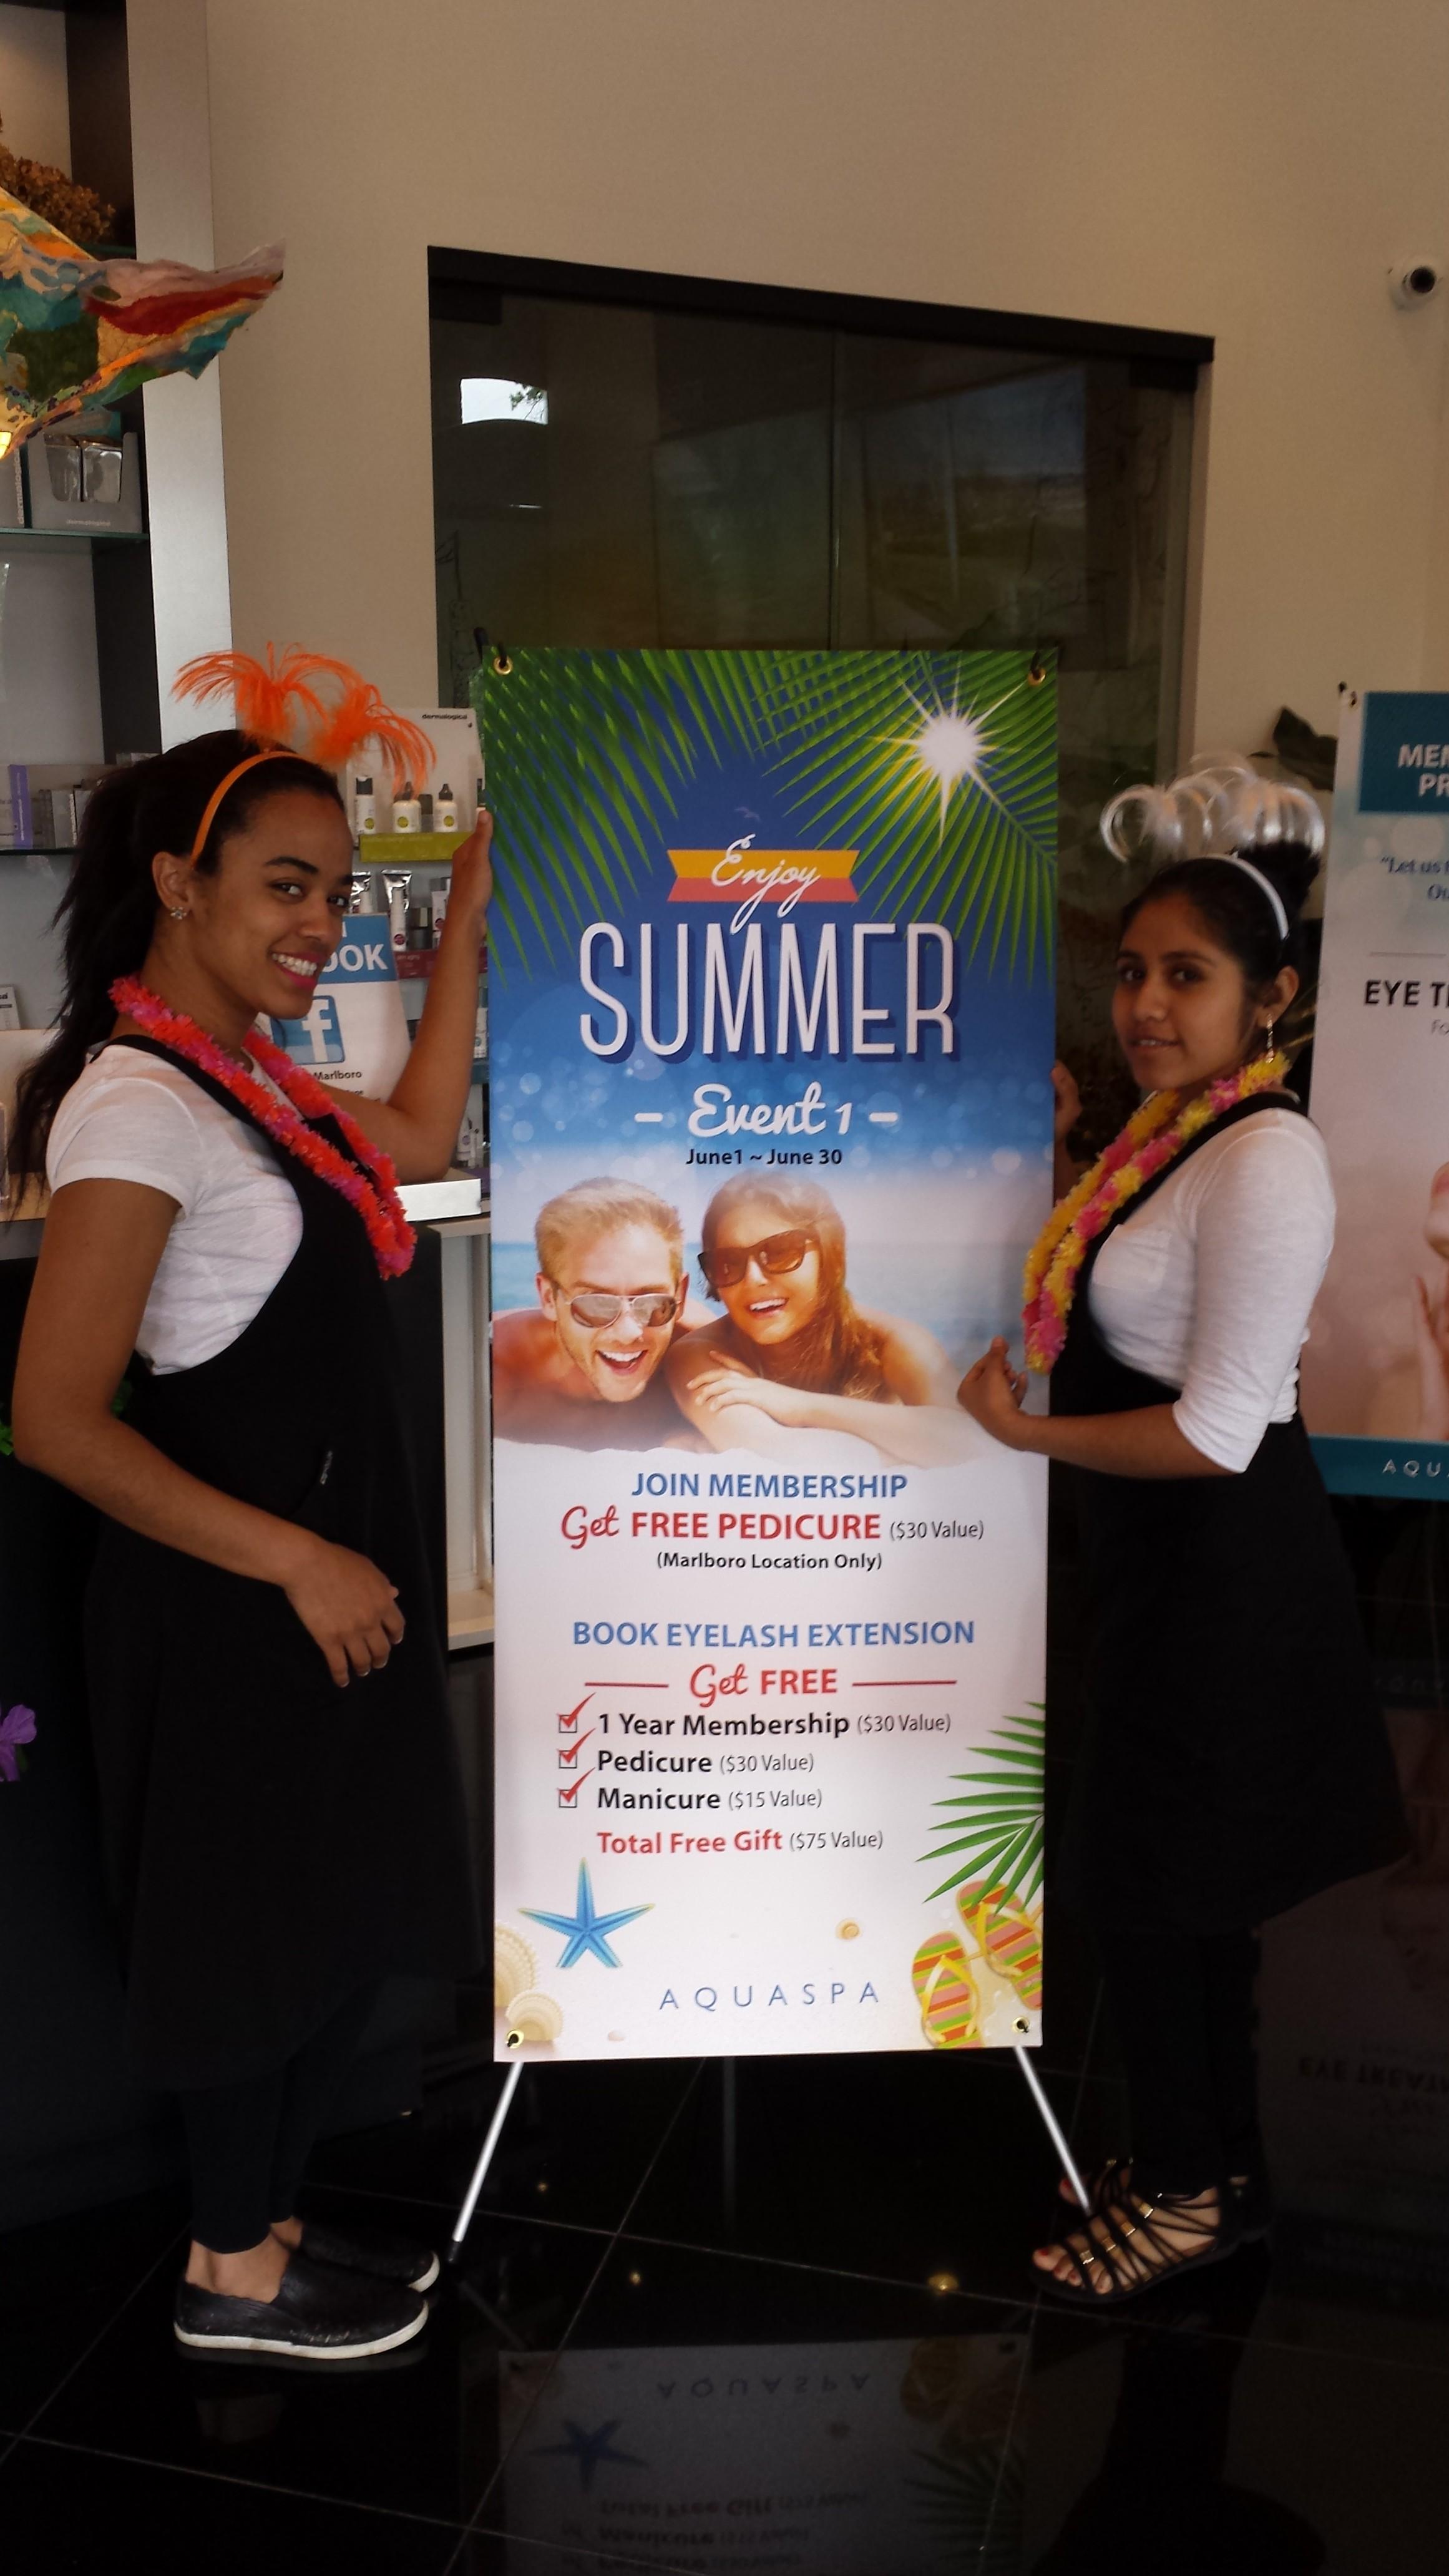 AQUASPA Summer Event